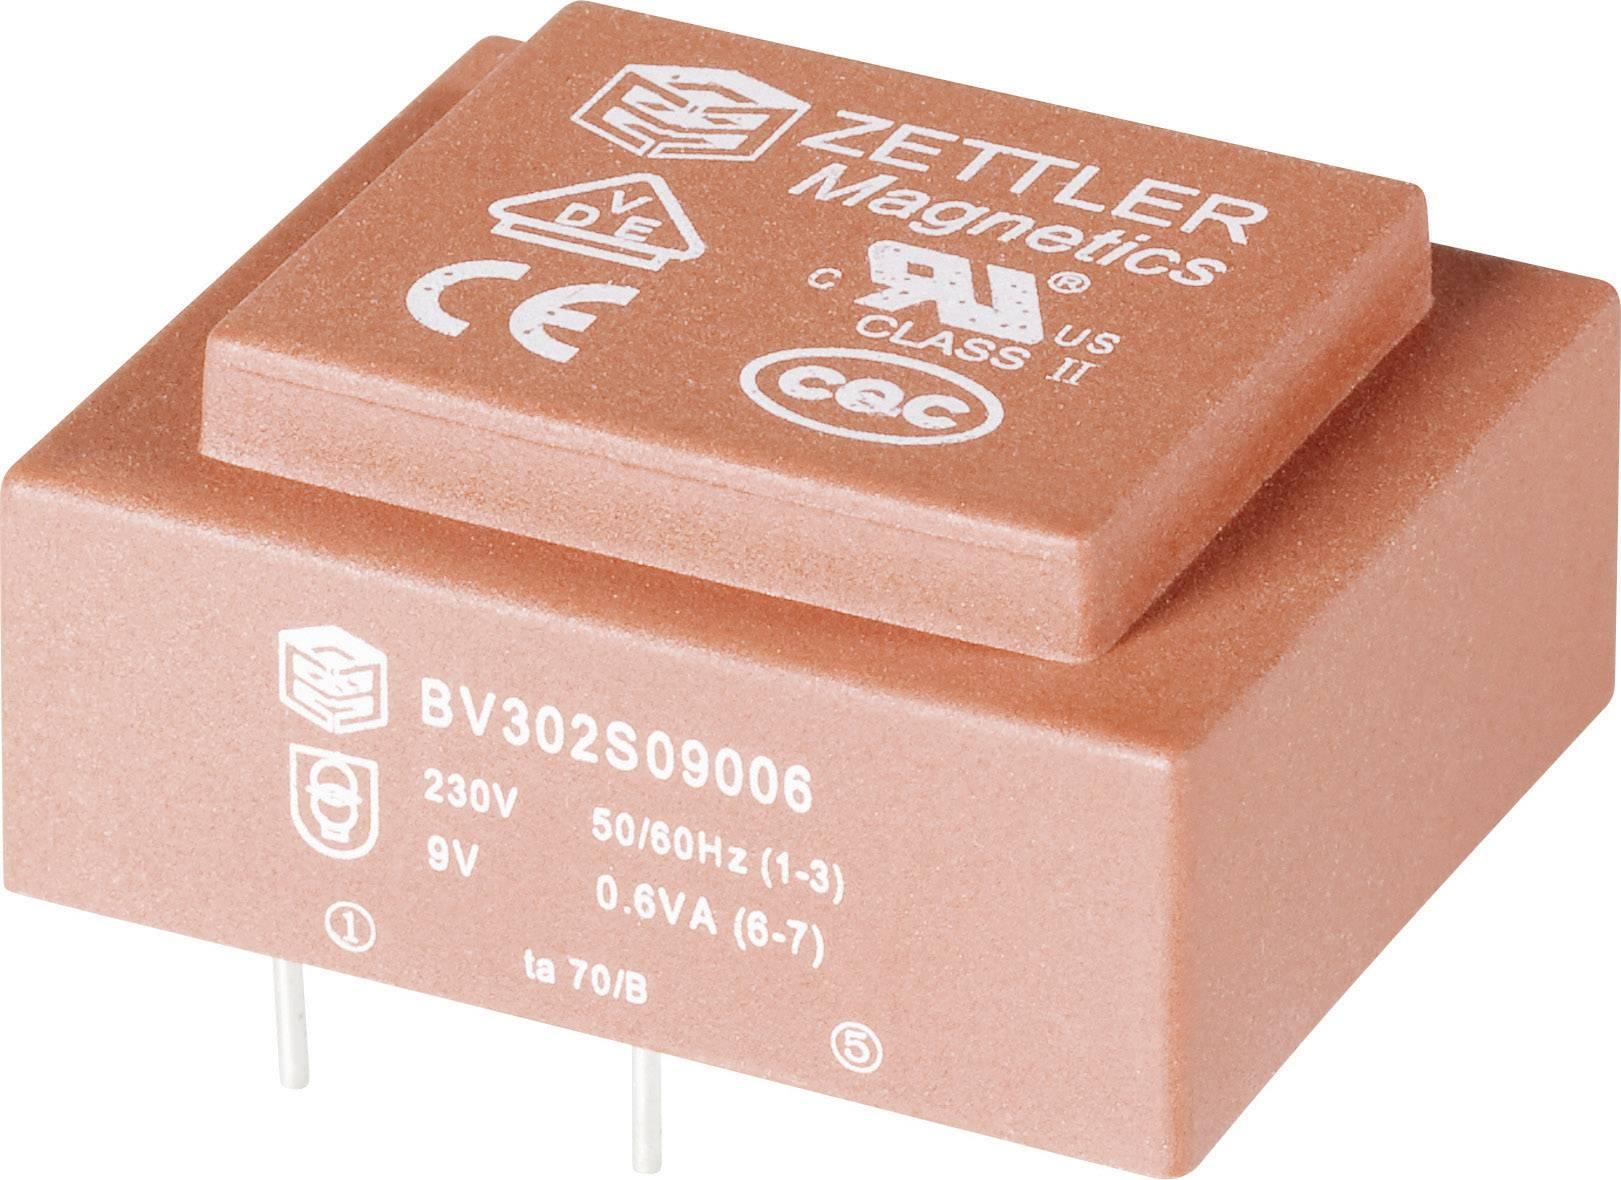 Transformátor do DPS Zettler Magnetics El30, 230 V/2x 6 V, 2x 50 mA, 1,5 VA